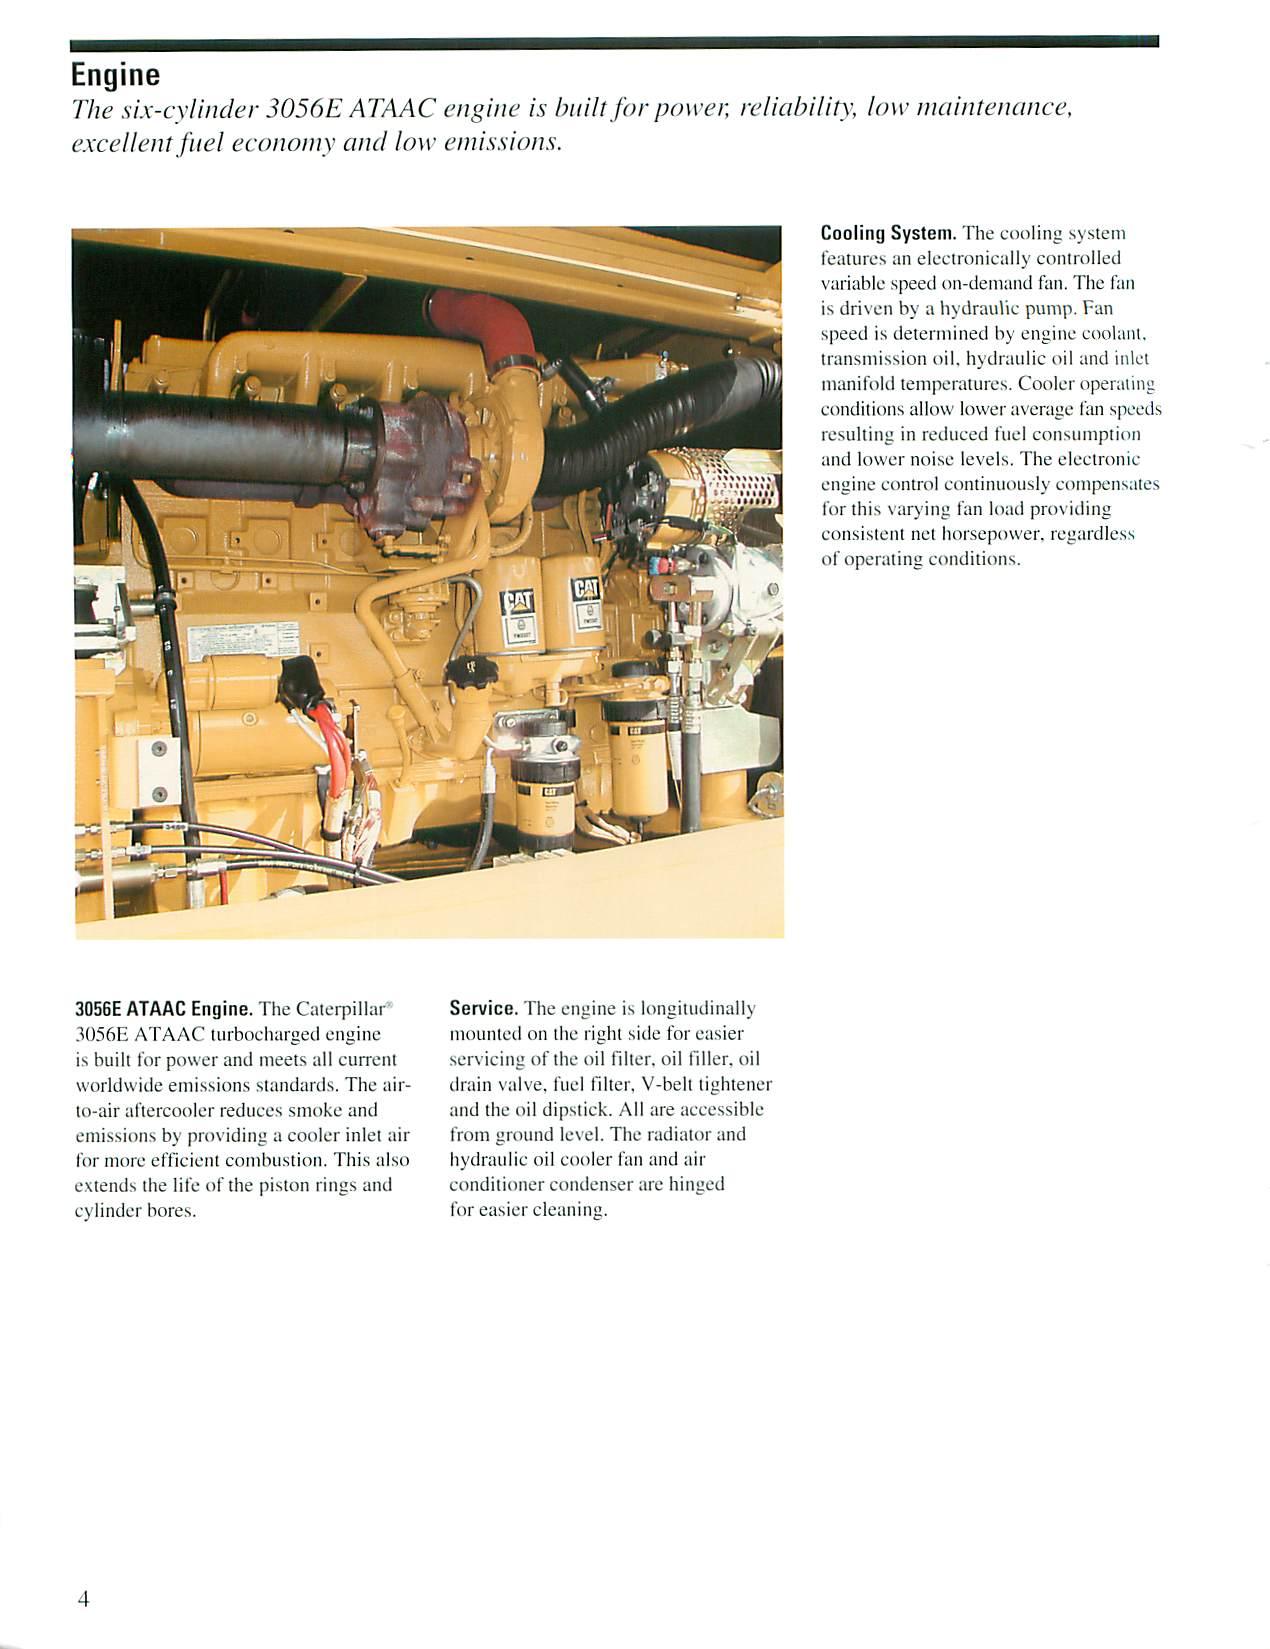 CAT M322C Rubber Exc 164hp /45,200lb